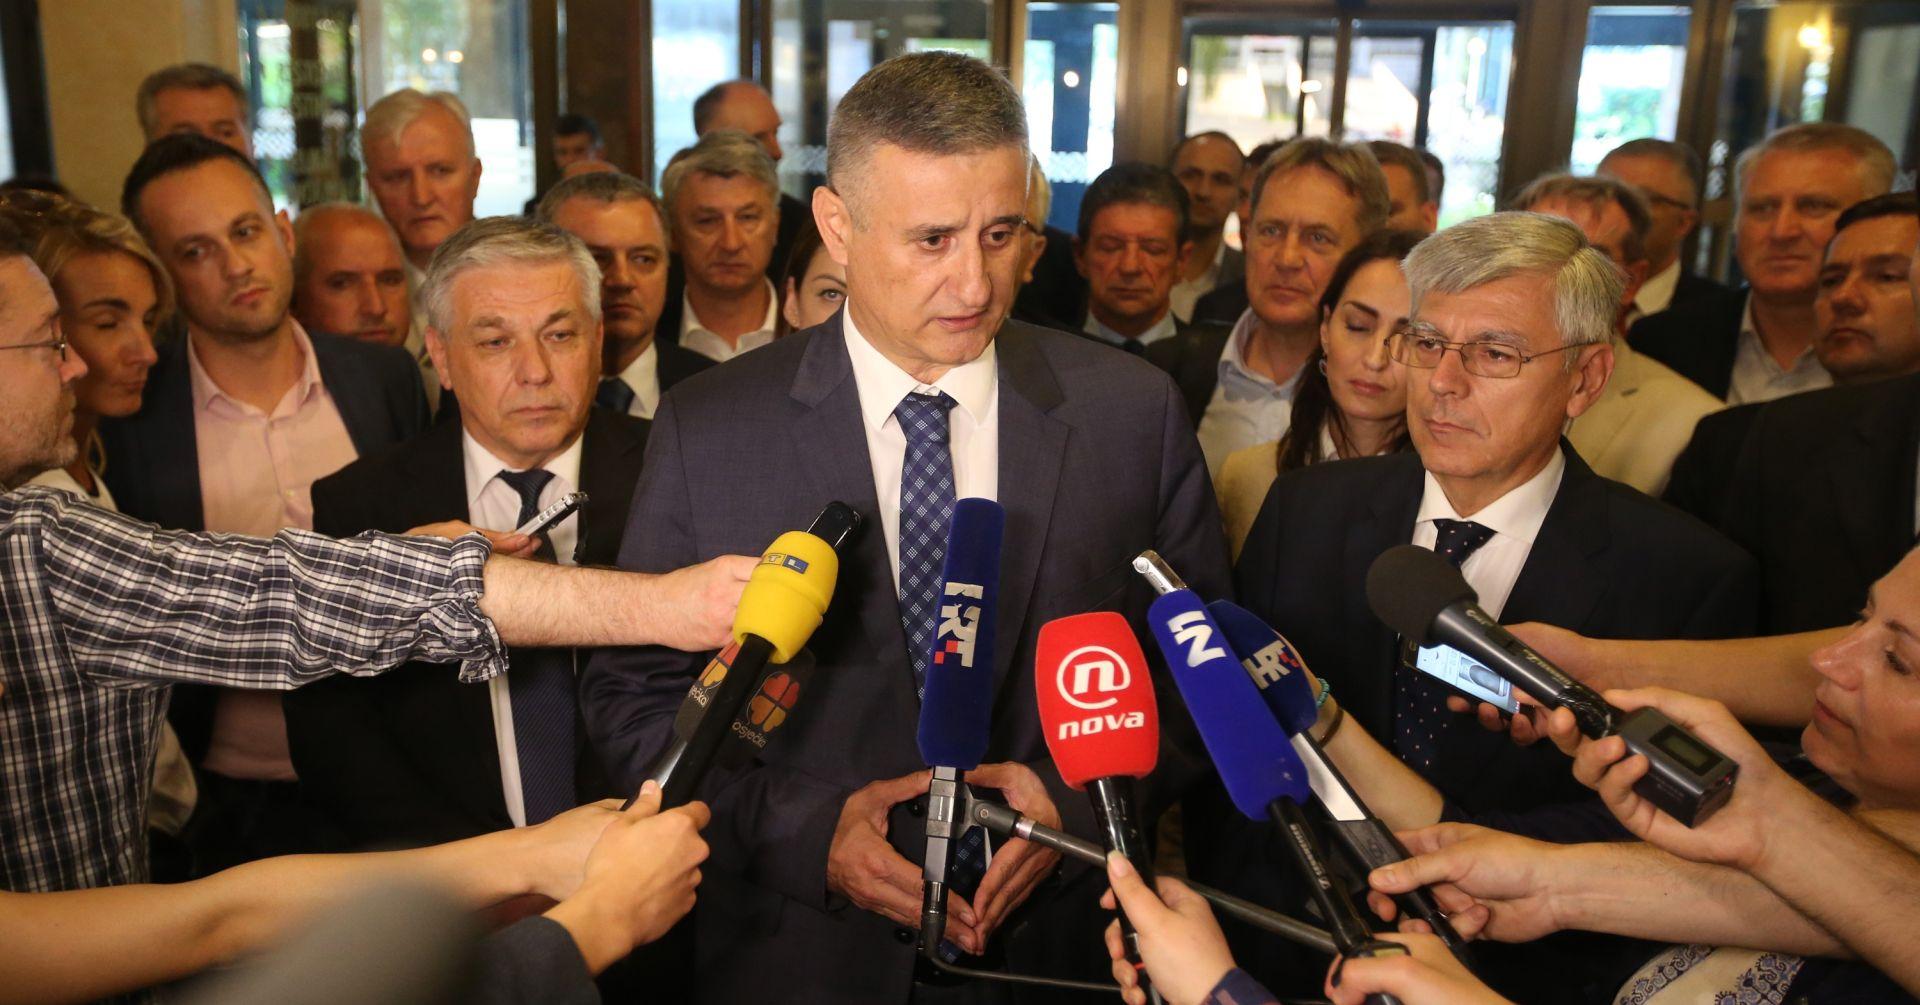 OBJAVLJENO OBRAZLOŽENJE Vlada odbija Prijedlog pokretanja pitanja povjerenja Karamarku